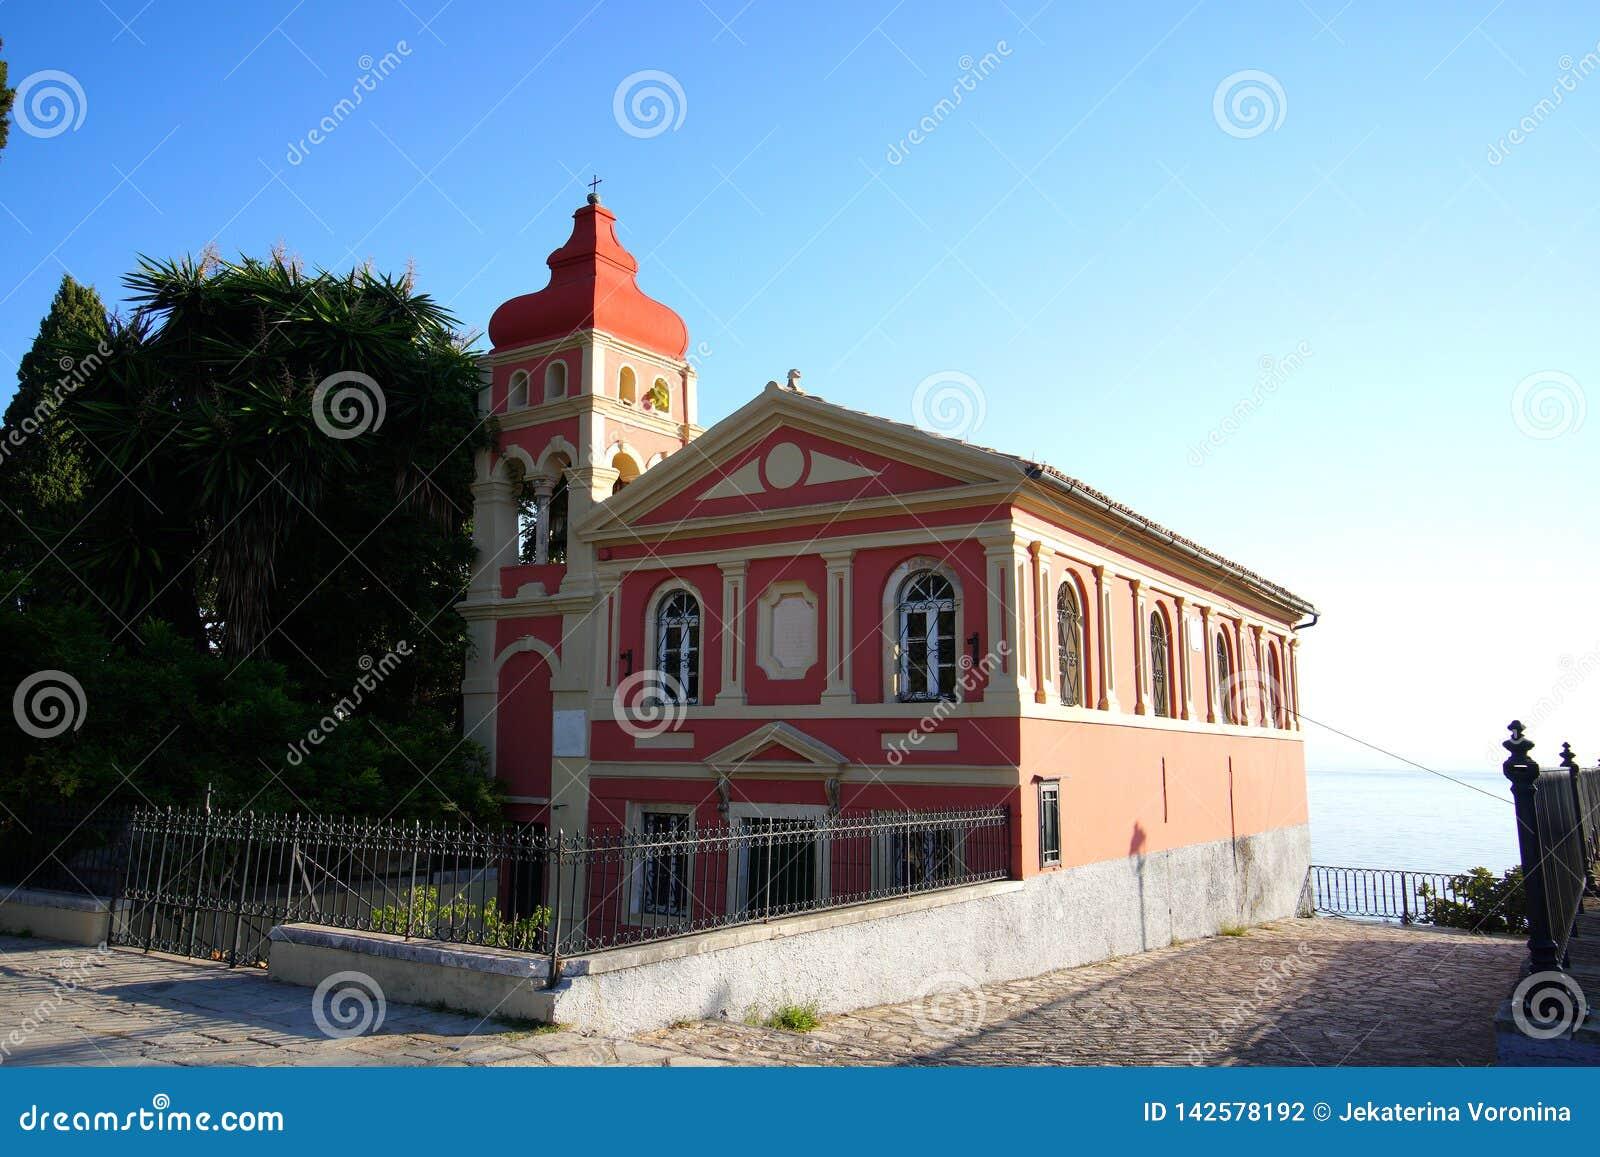 Iglesia en la ciudad de Corfú que está situada adyacente al cuadrado de Spianada